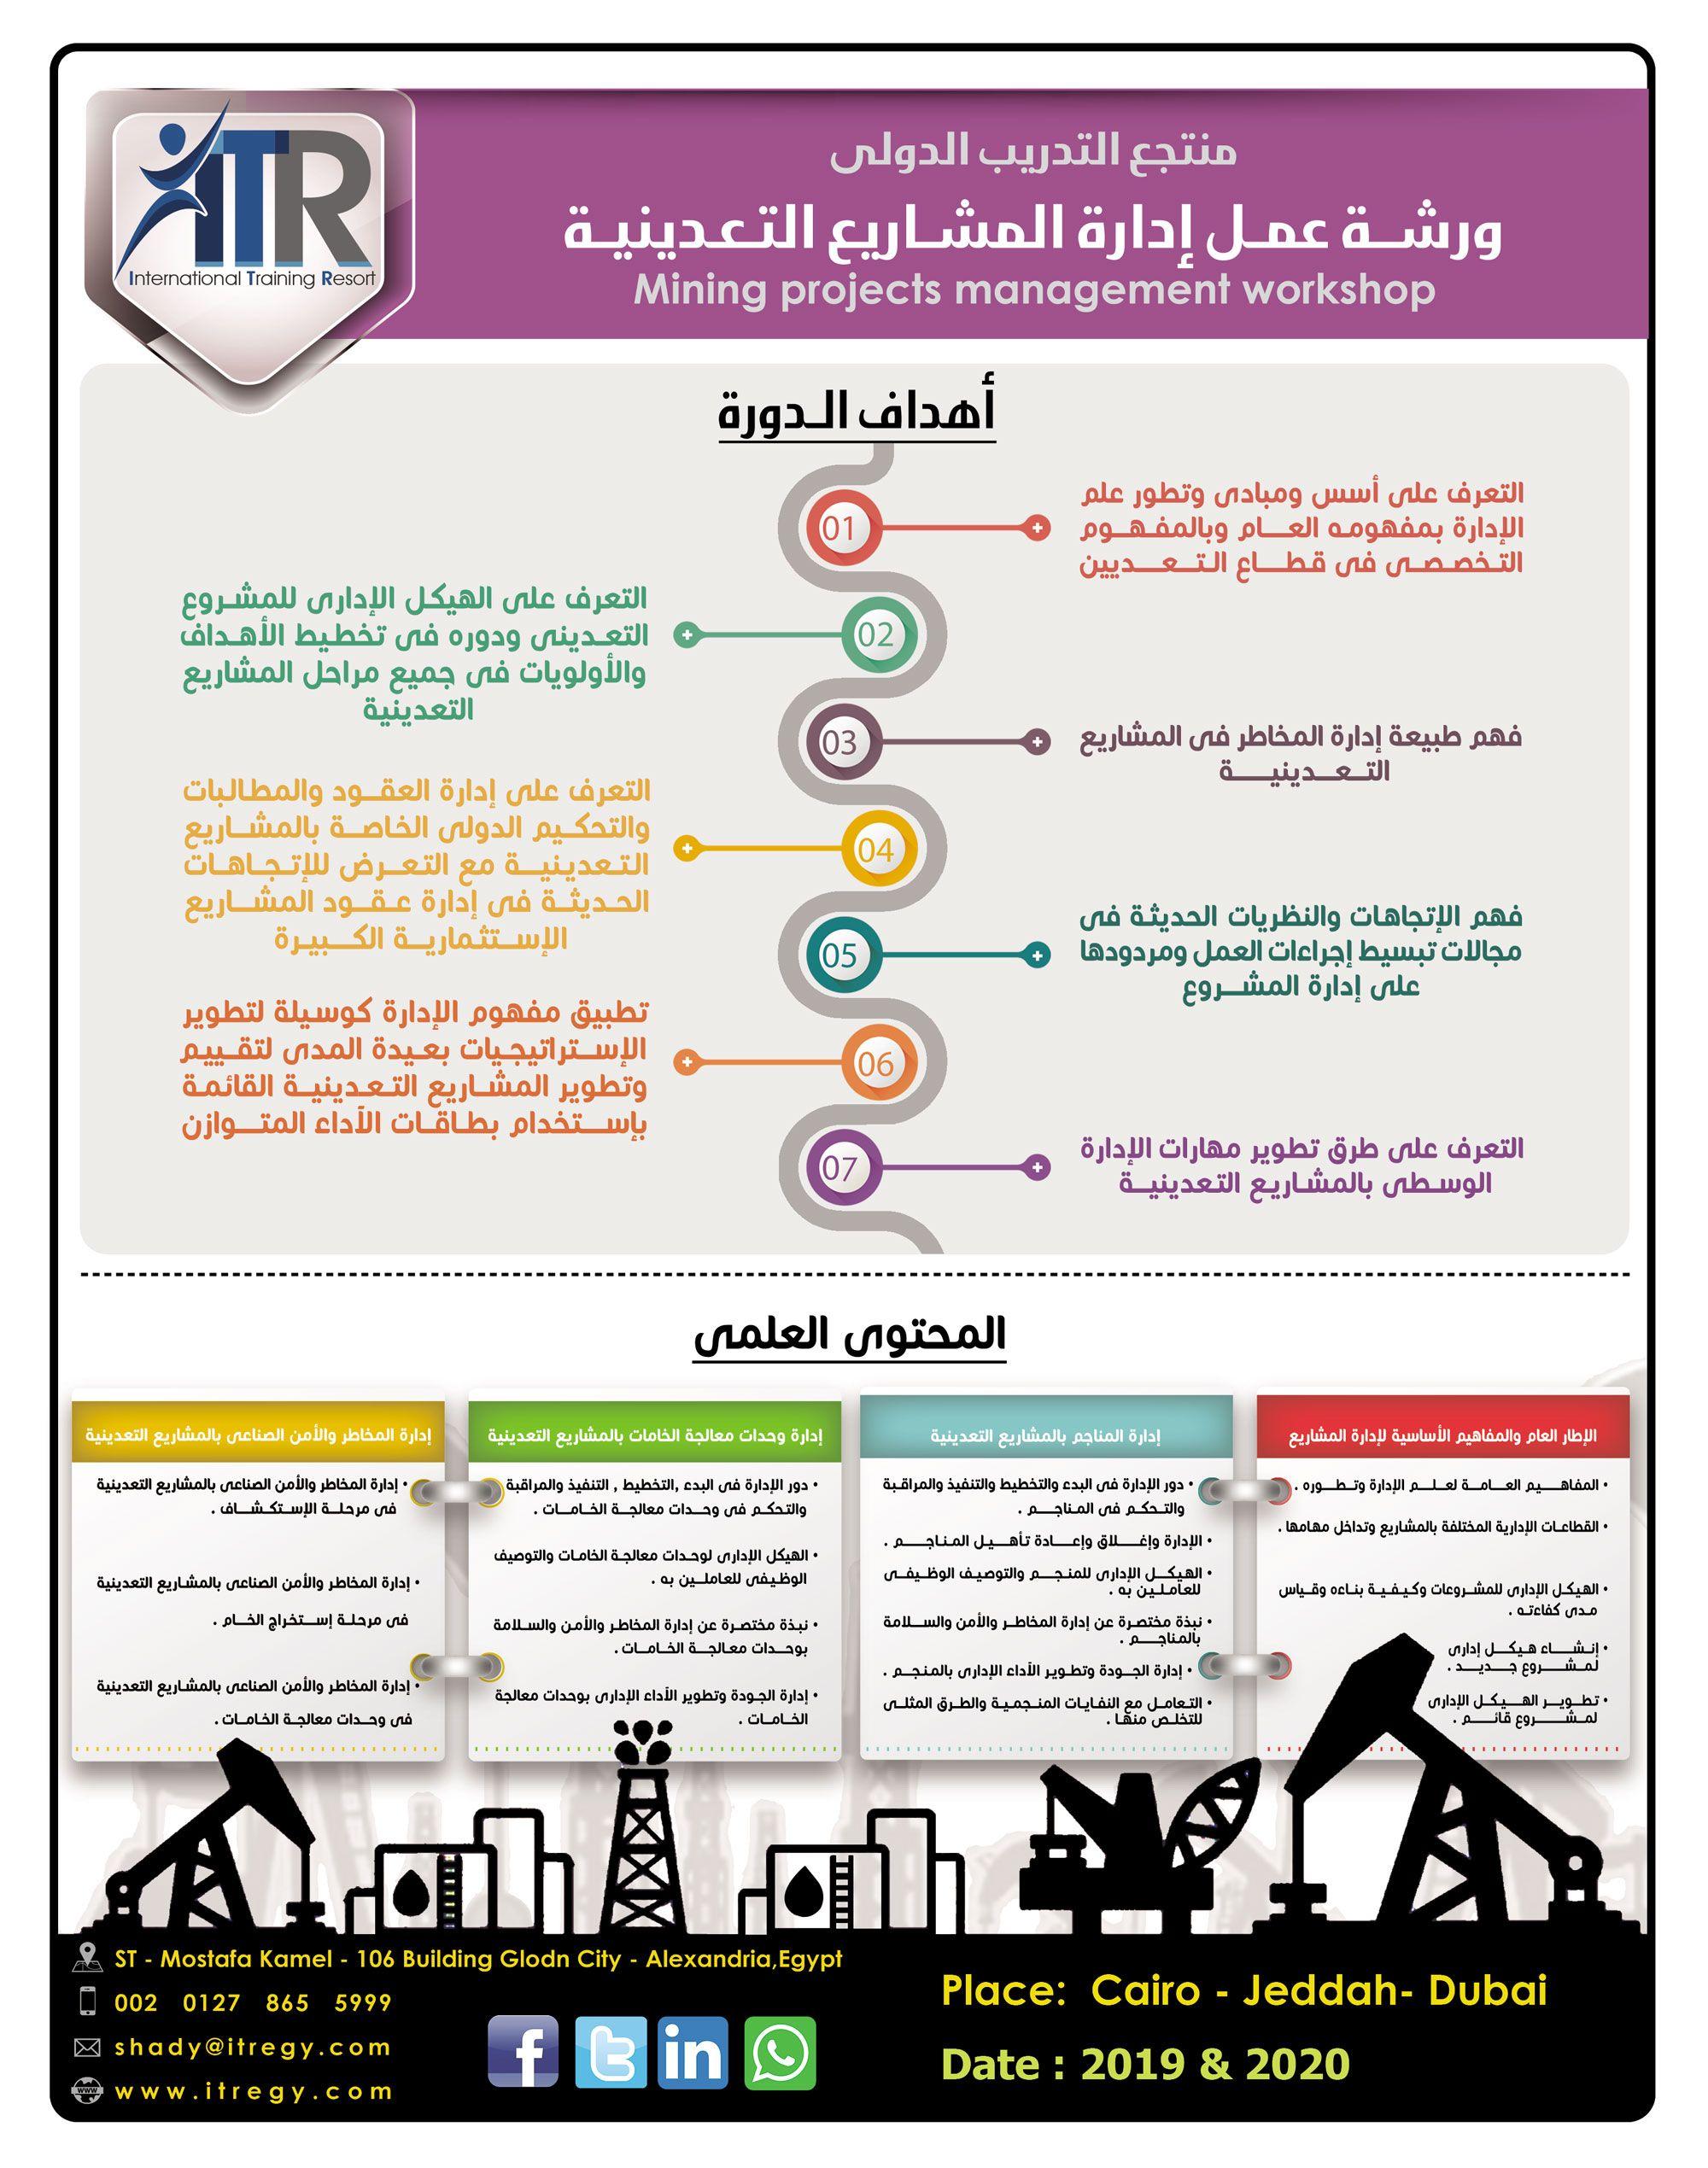 دورات تدربيبة في ورشة عمل ادرارد المشاريع التعدينية Project Management Management Workshop